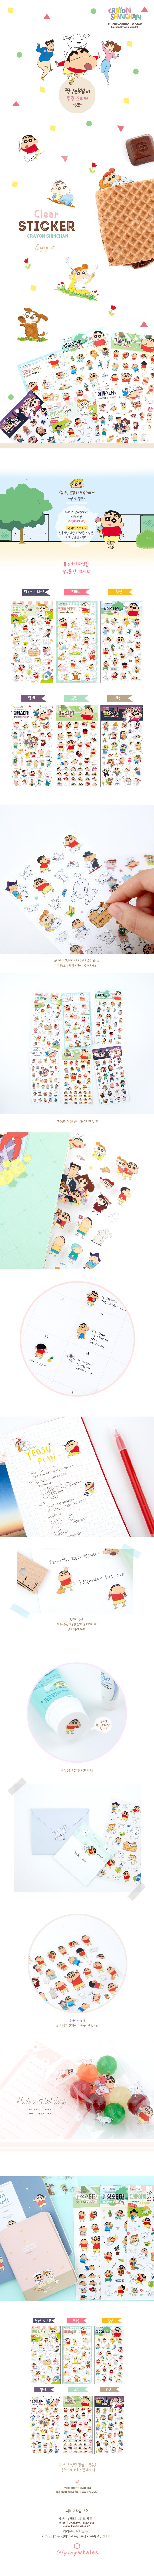 짱구는못말려 투명스티커 - 플라잉웨일즈, 1,000원, 스티커, 캐릭터스티커